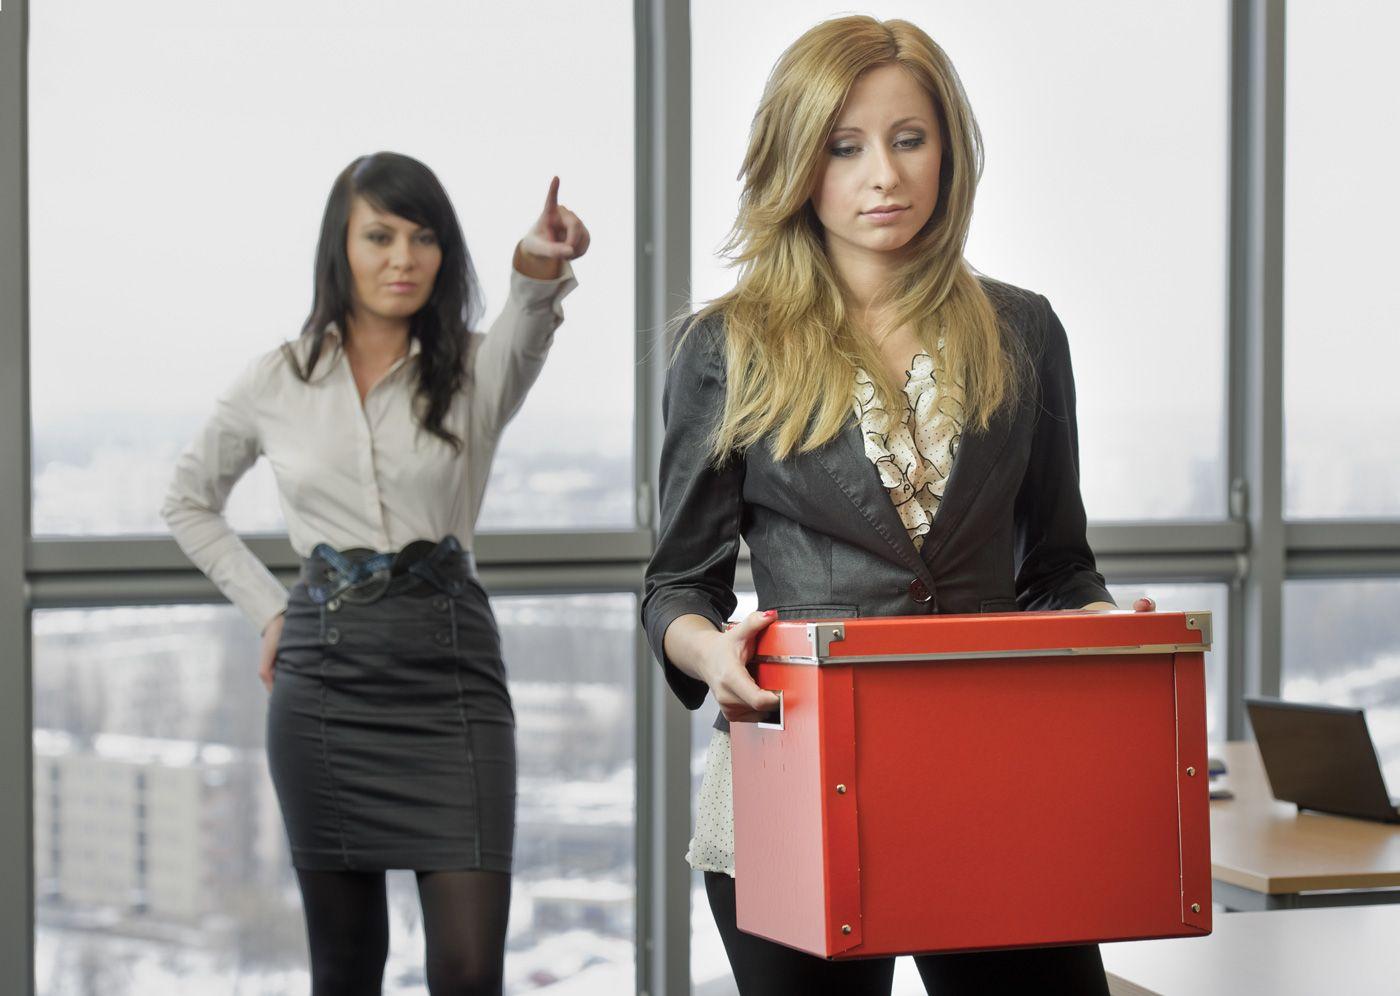 http://psicologipegaso.it/cambiare-lavoro-tra-esigenze-desideri-e-incertezze-di-l-salvai/